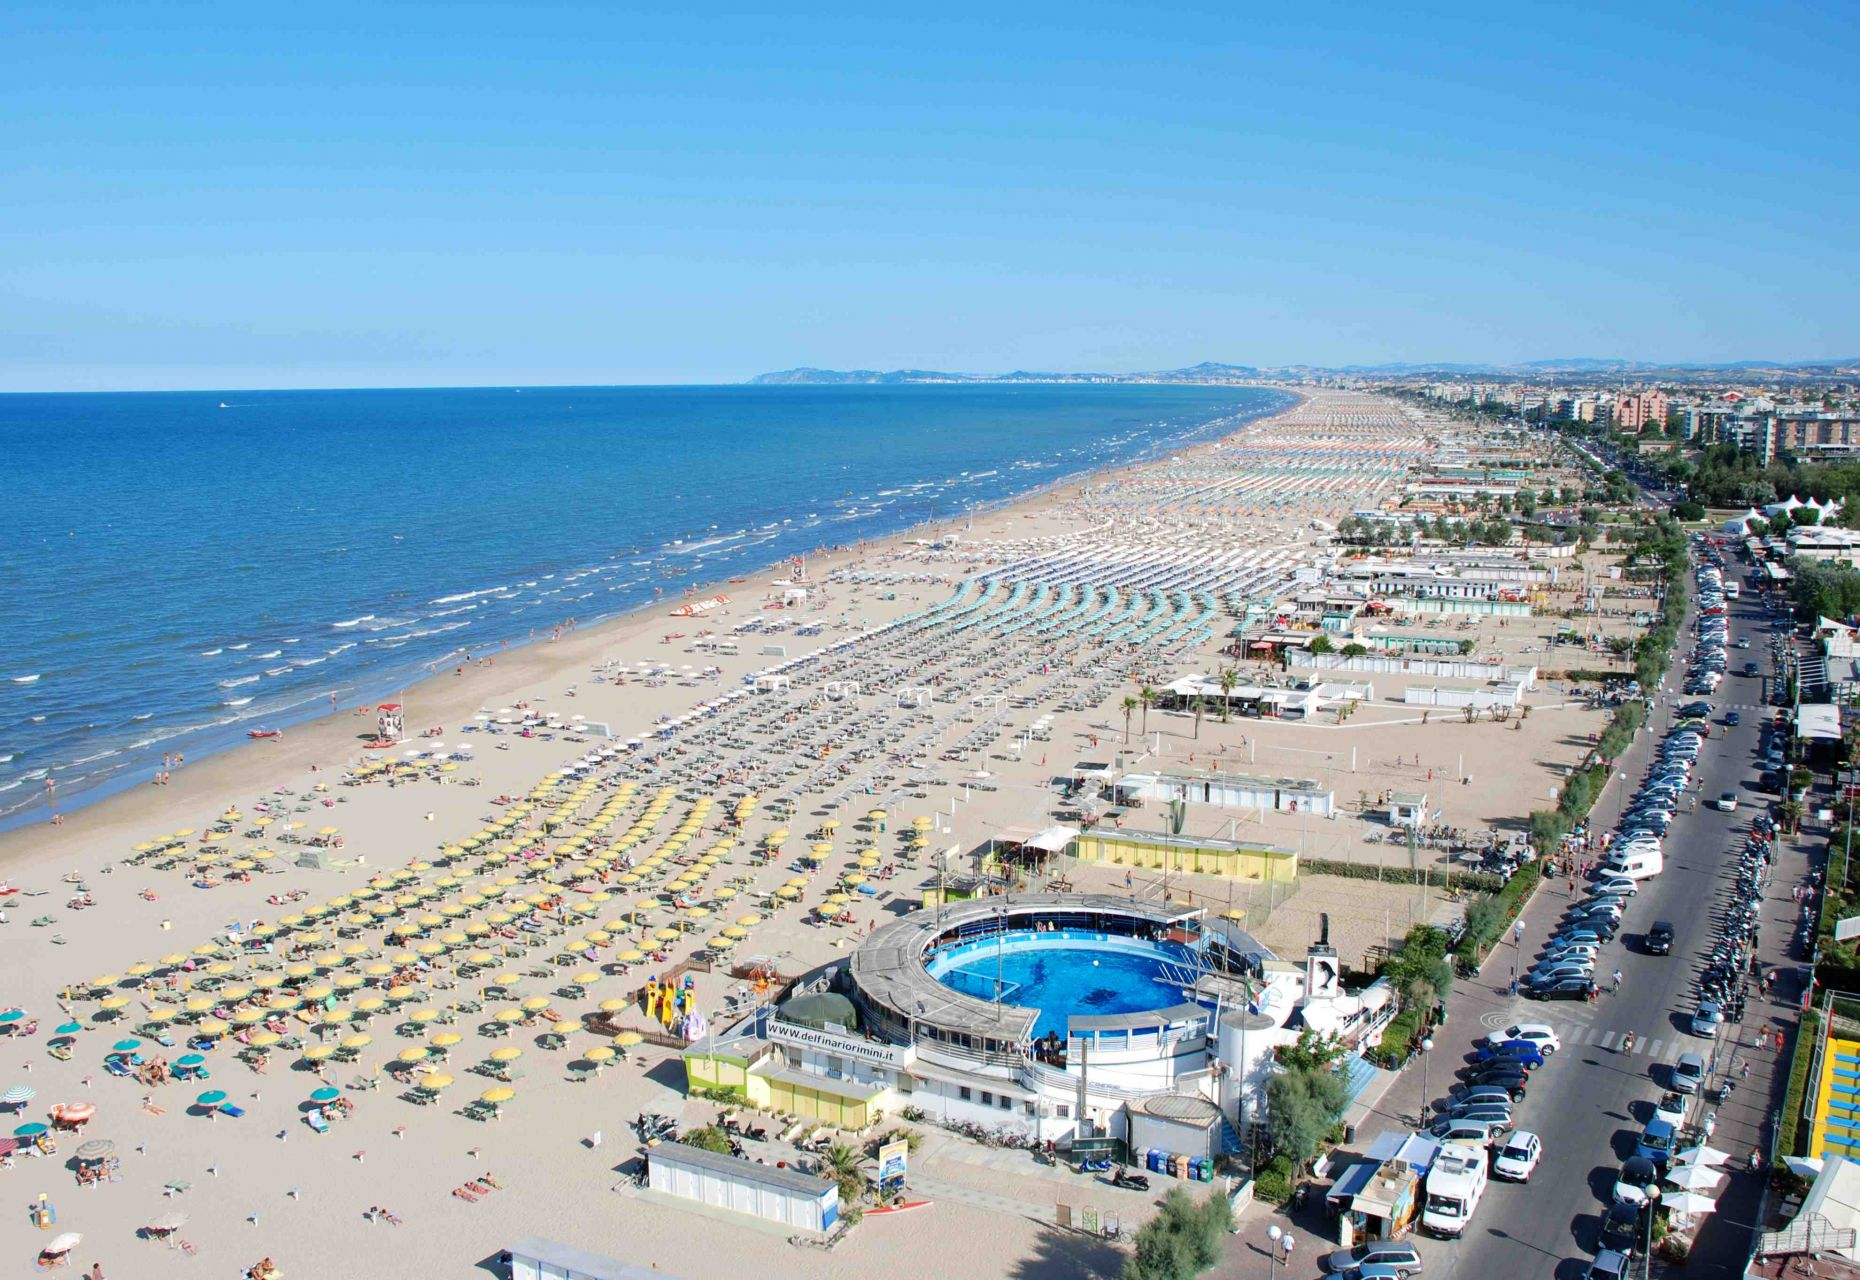 Matrimonio Spiaggia Riviera Romagnola : Villaggi camping e natura spiaggia mare riviera